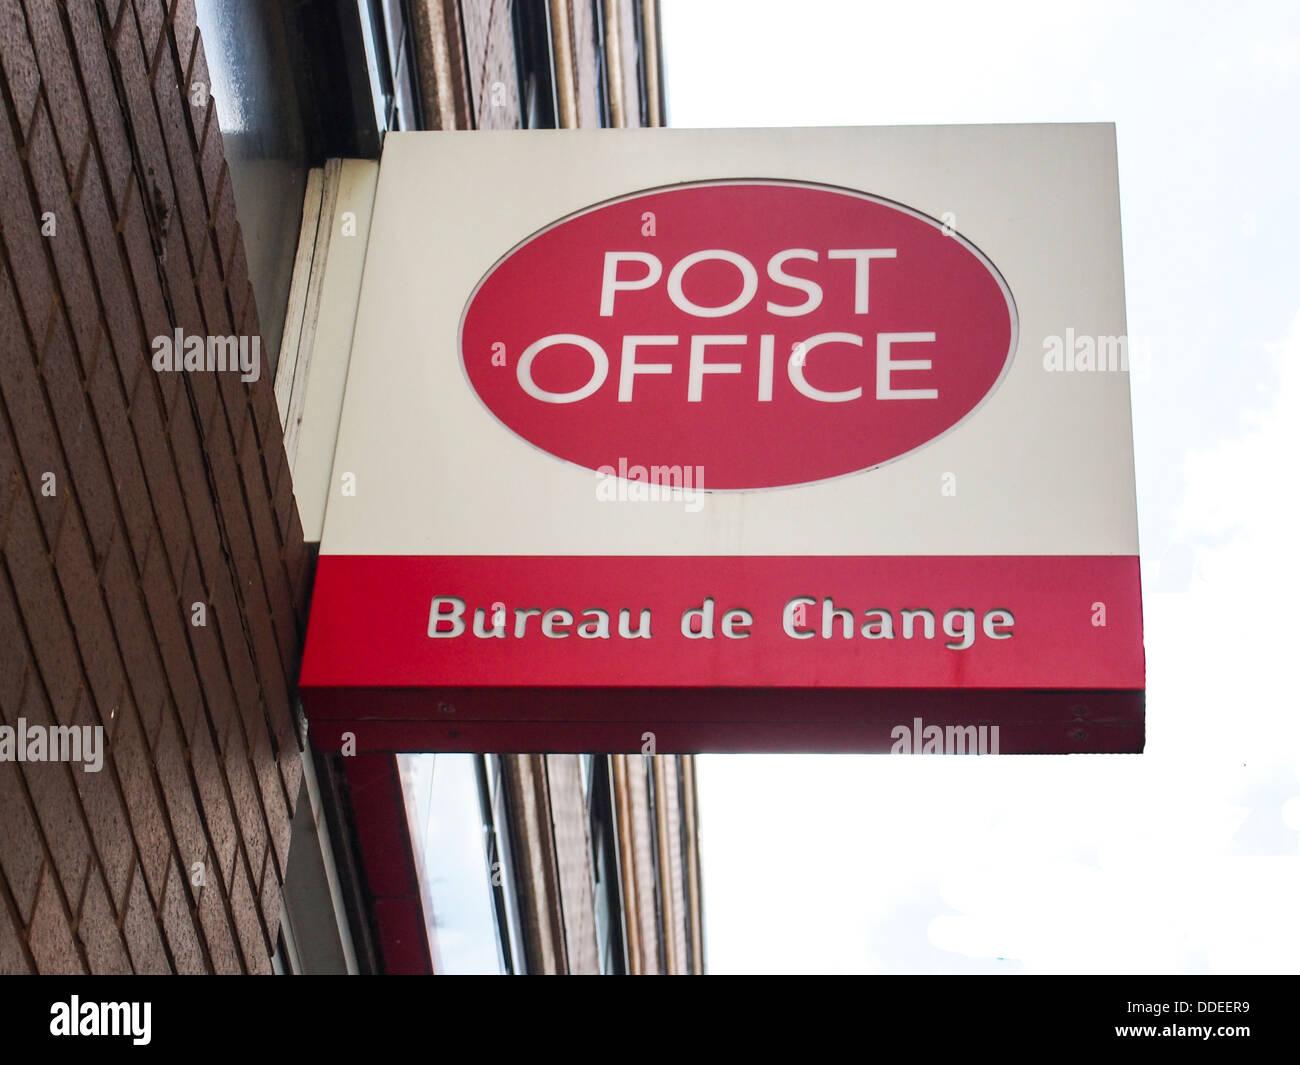 Bureau de change sign stock photos bureau de change sign stock